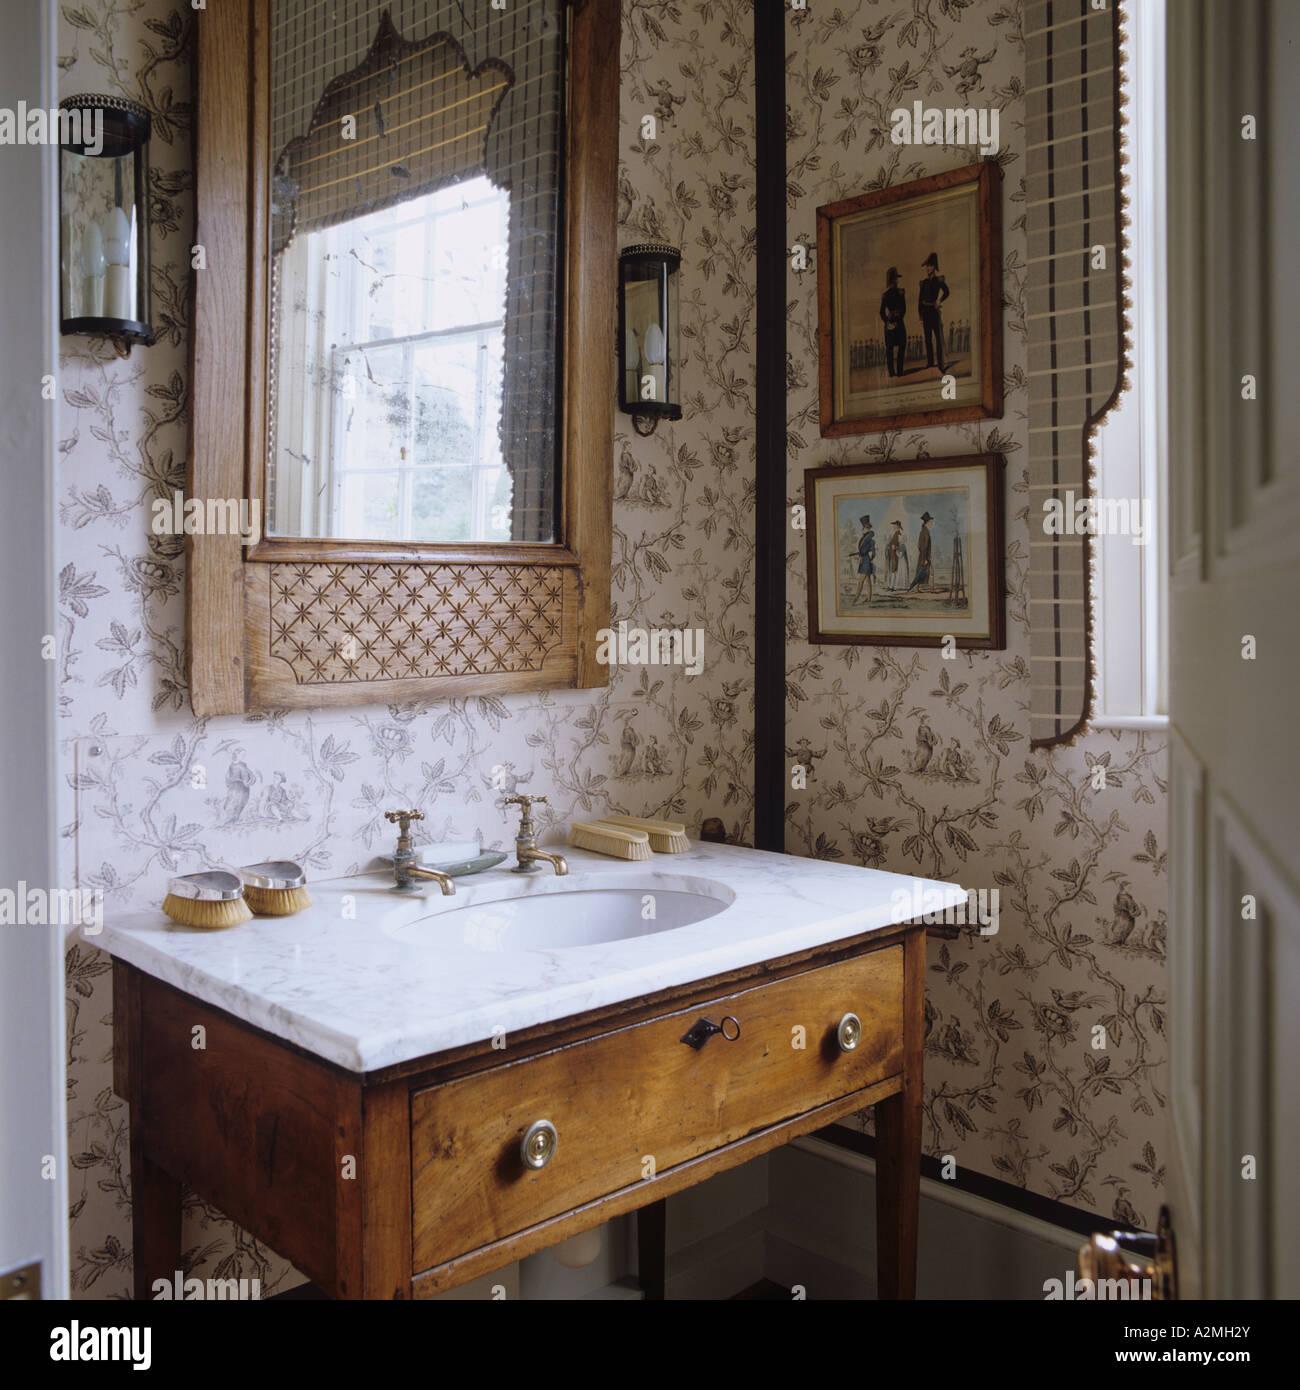 Meuble Salle De Bain Teck Colonial ~ lavabo en marbre dans la salle de bains de l anglais country house